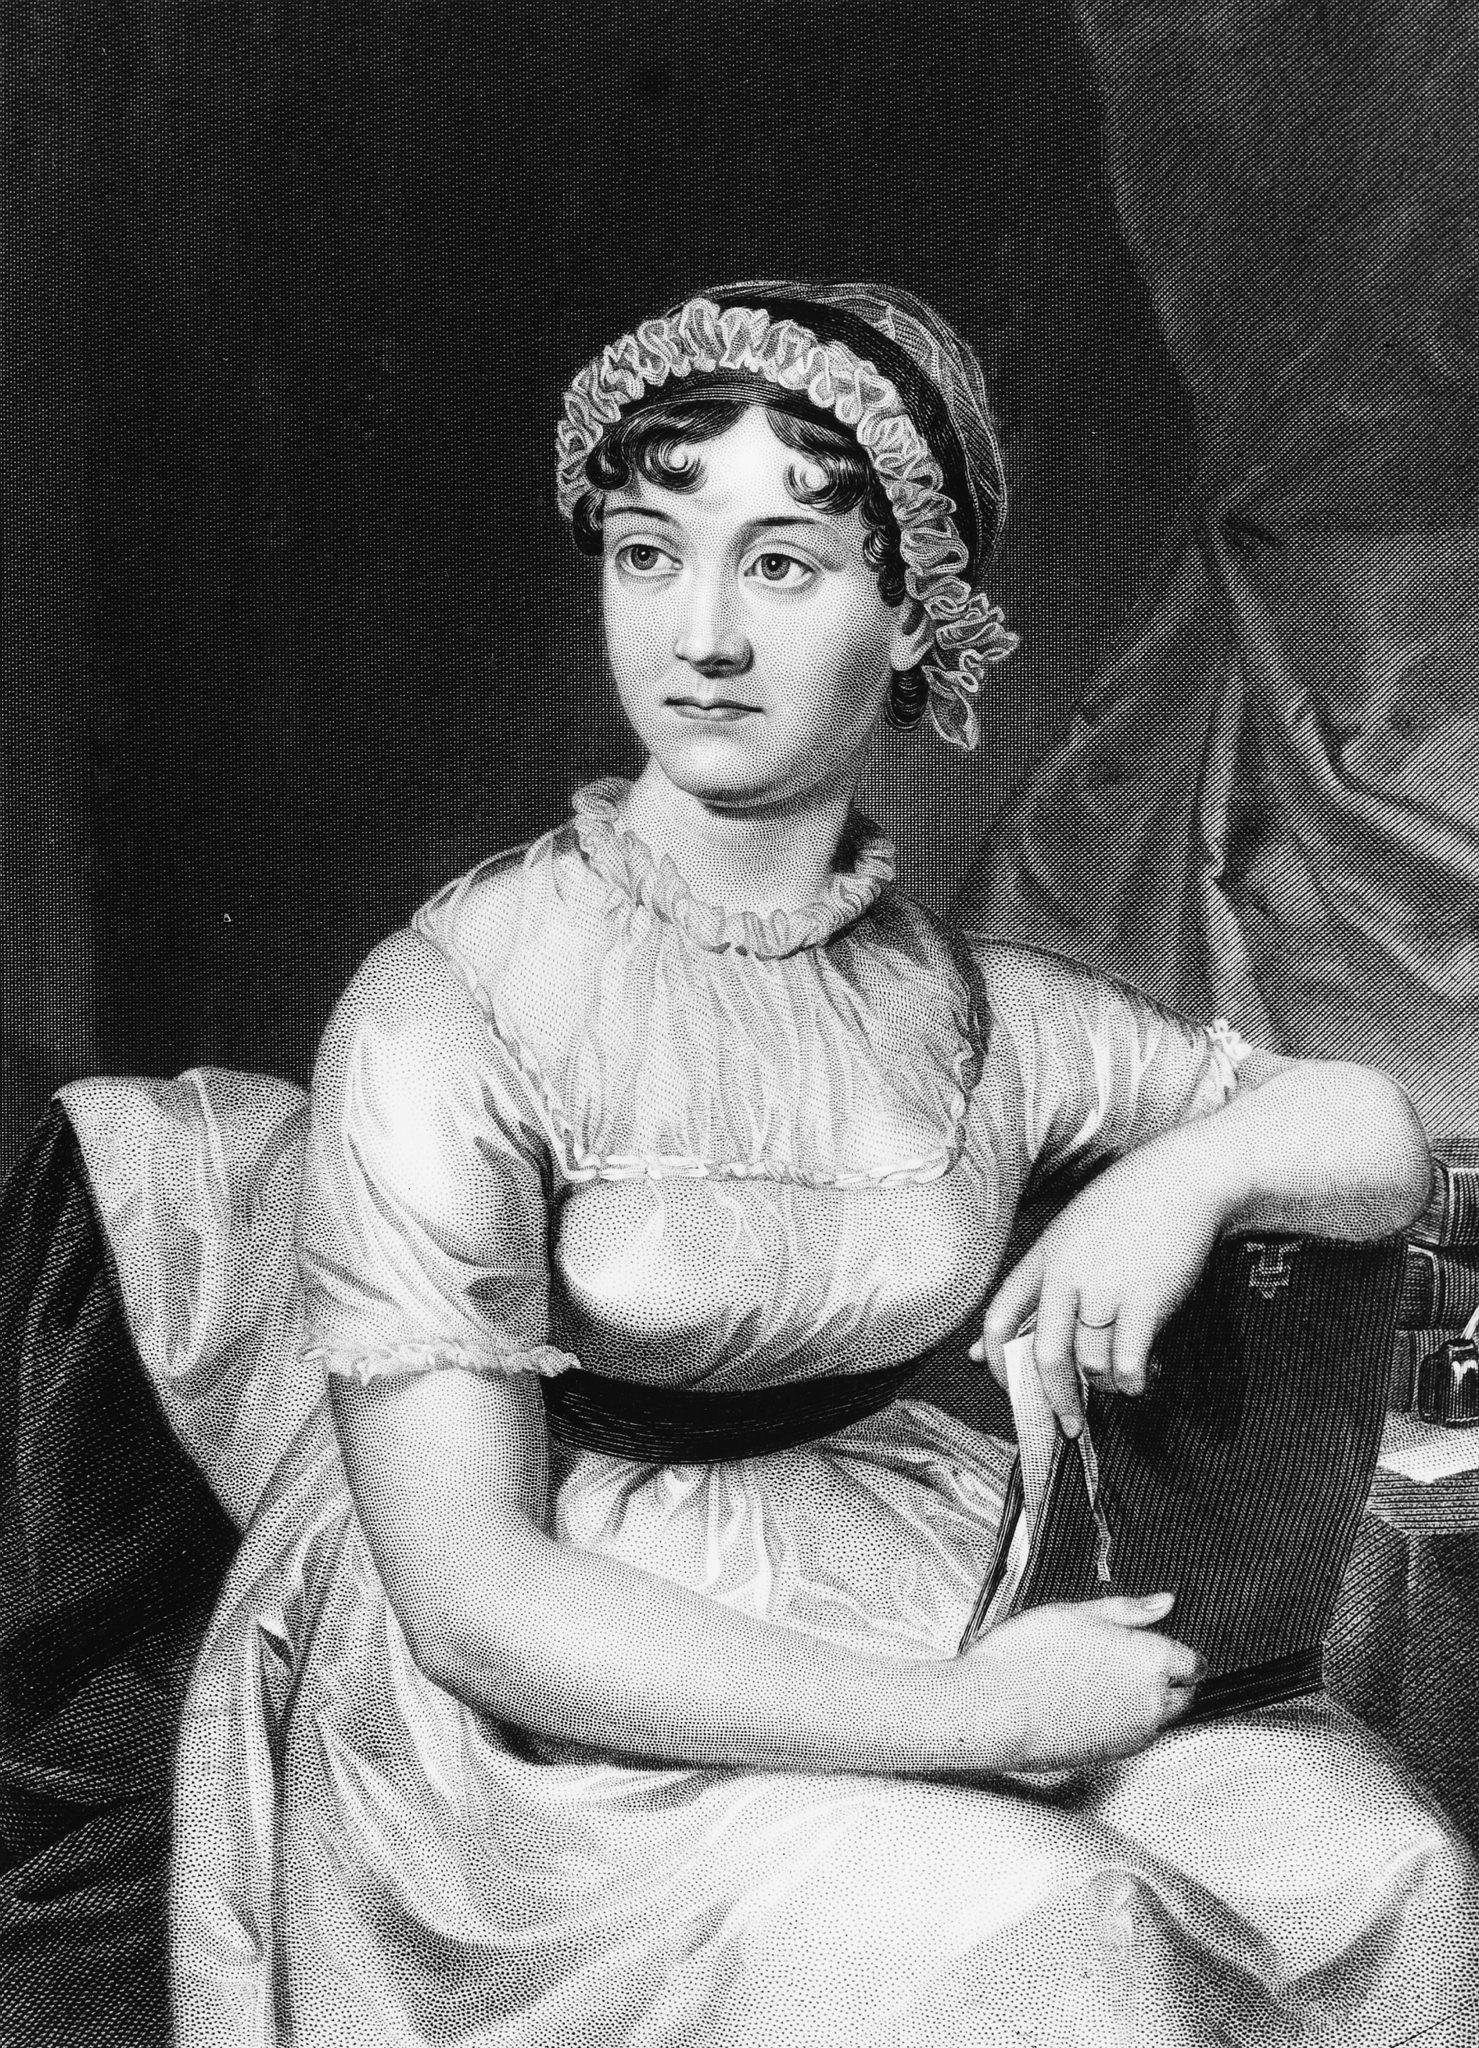 Jane Austen gjemte vekk penn og papir og tok frem broderirammen når det kom besøk. Foto: Hulton Archive/